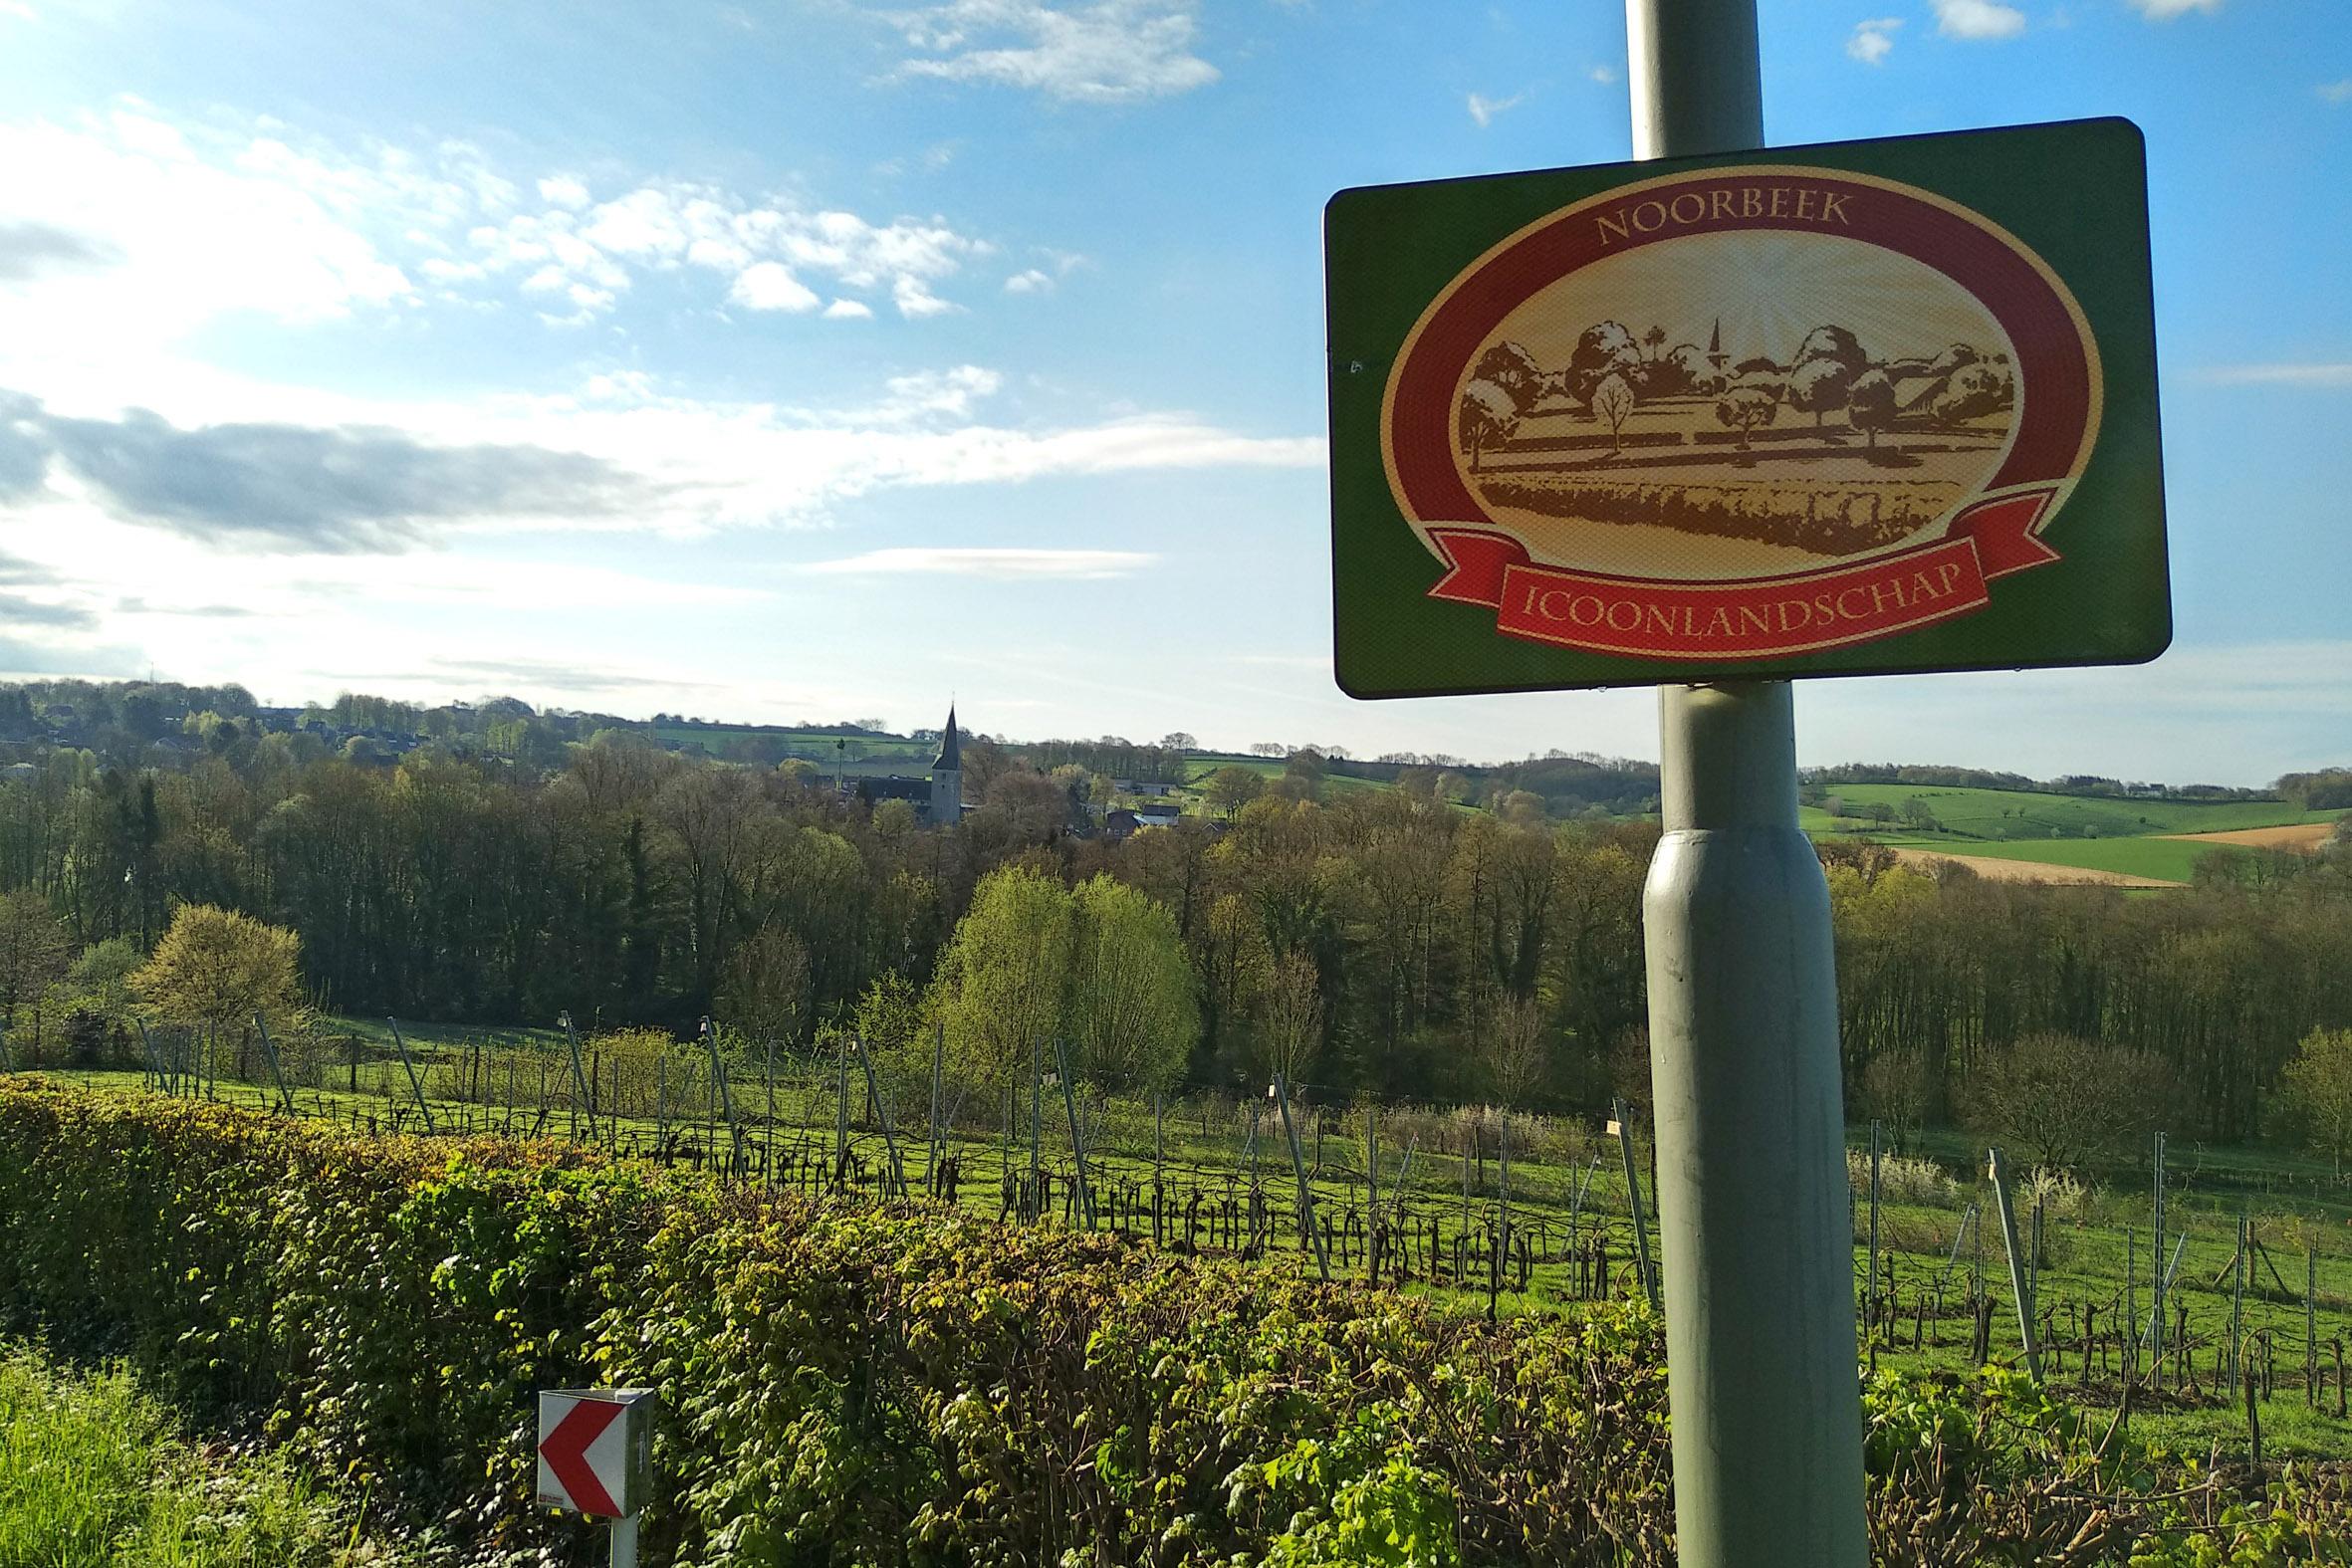 Een bord langs de weg in Noorbeek.